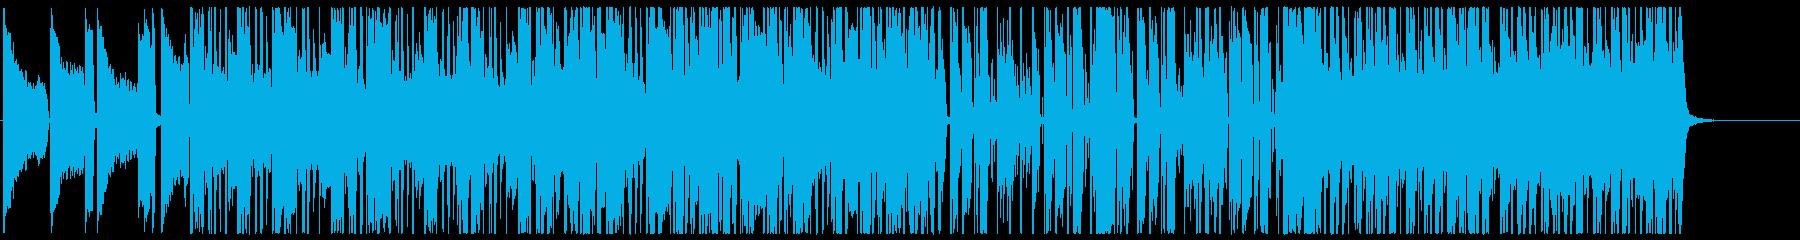 コミカルなファンクの再生済みの波形